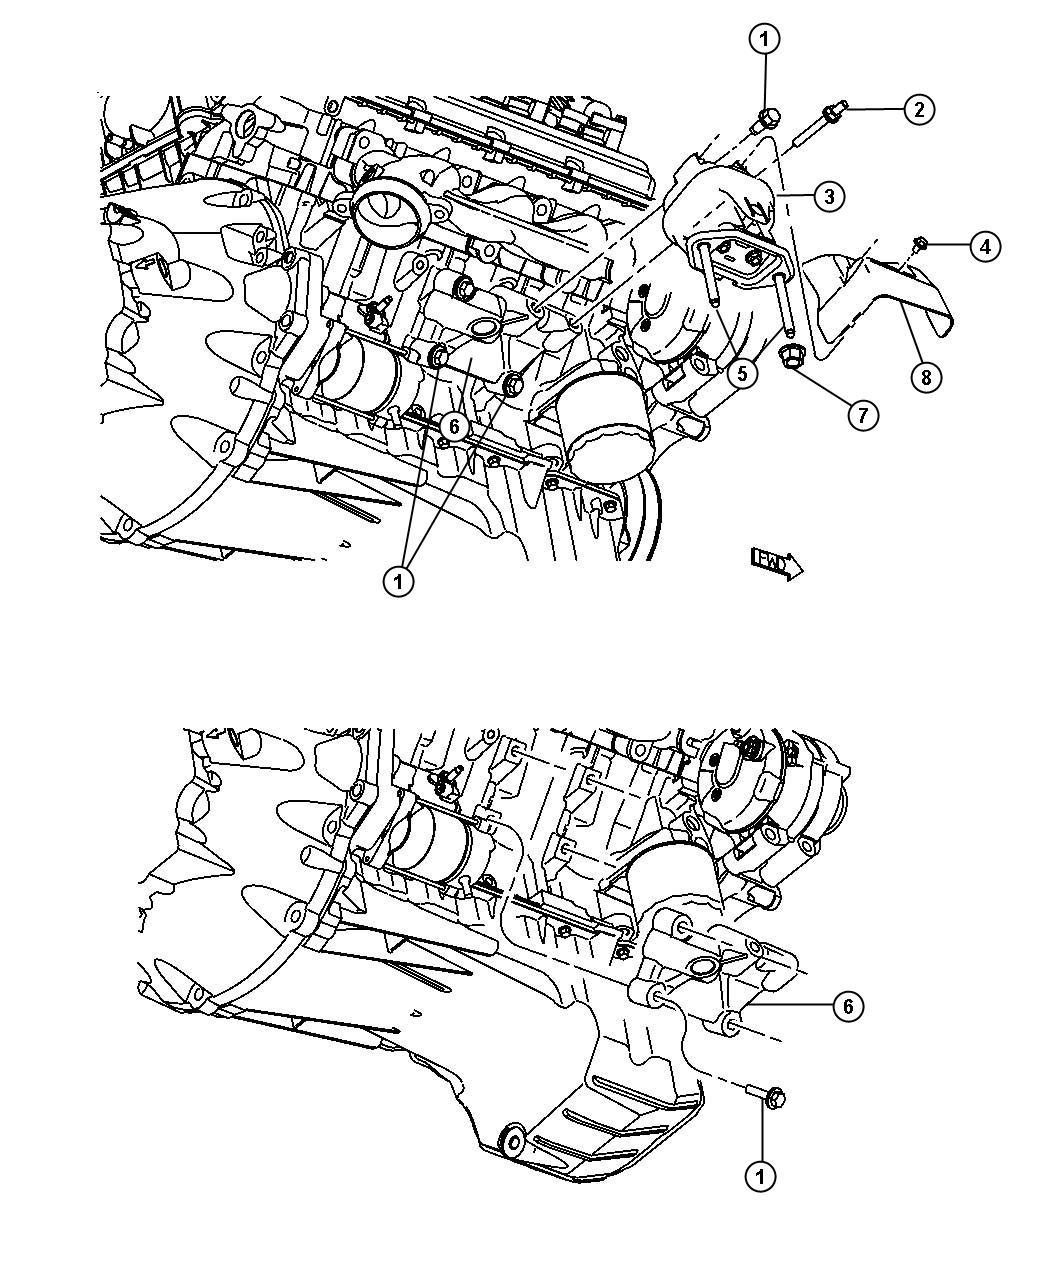 2008 Dodge Charger Insulator. Engine mount. Left side